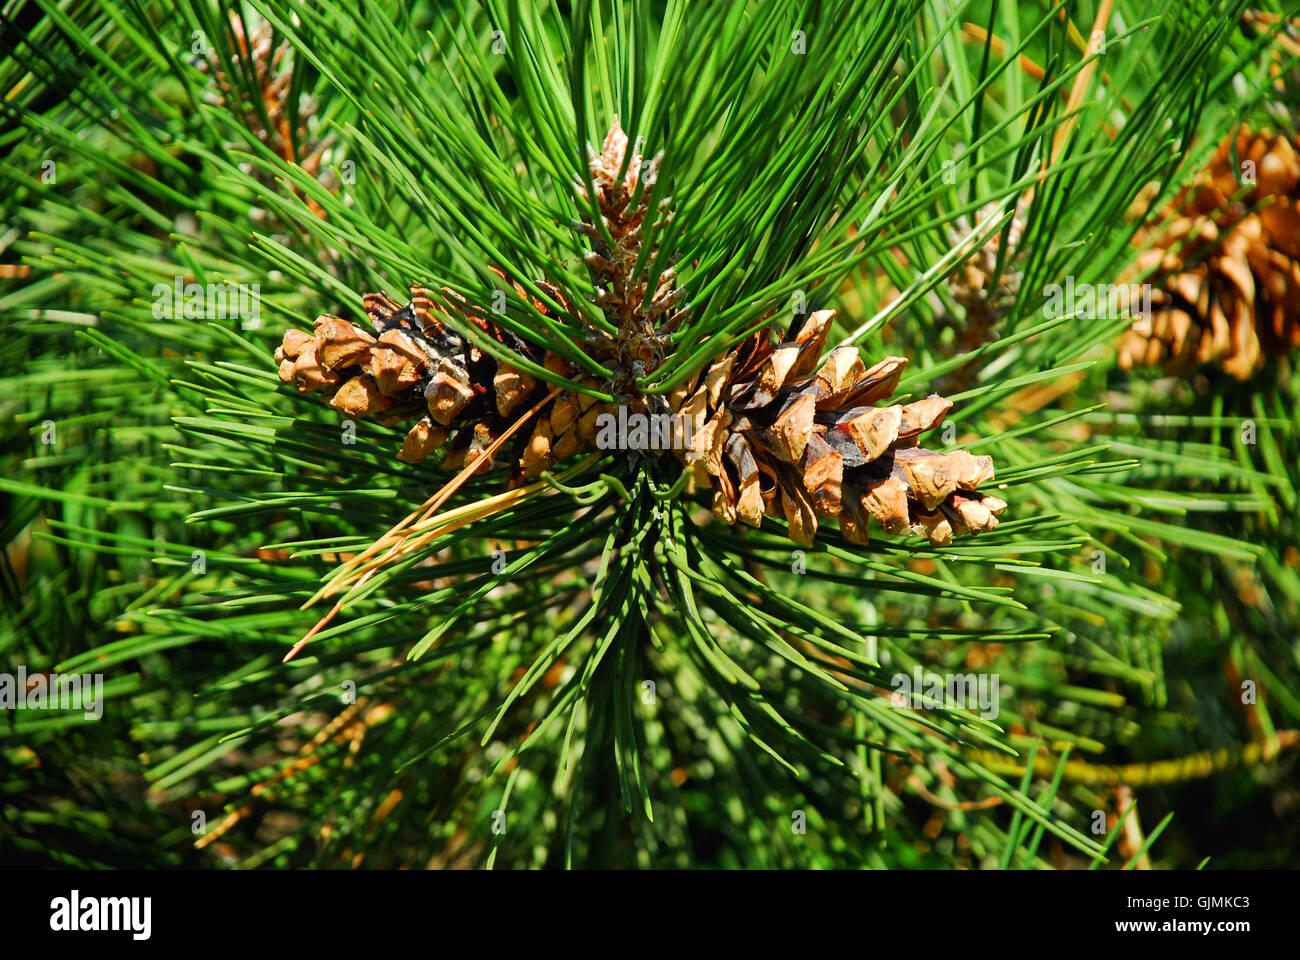 Baum kiefer schwarz stockfoto bild 114780291 alamy - Kiefer baum kaufen ...